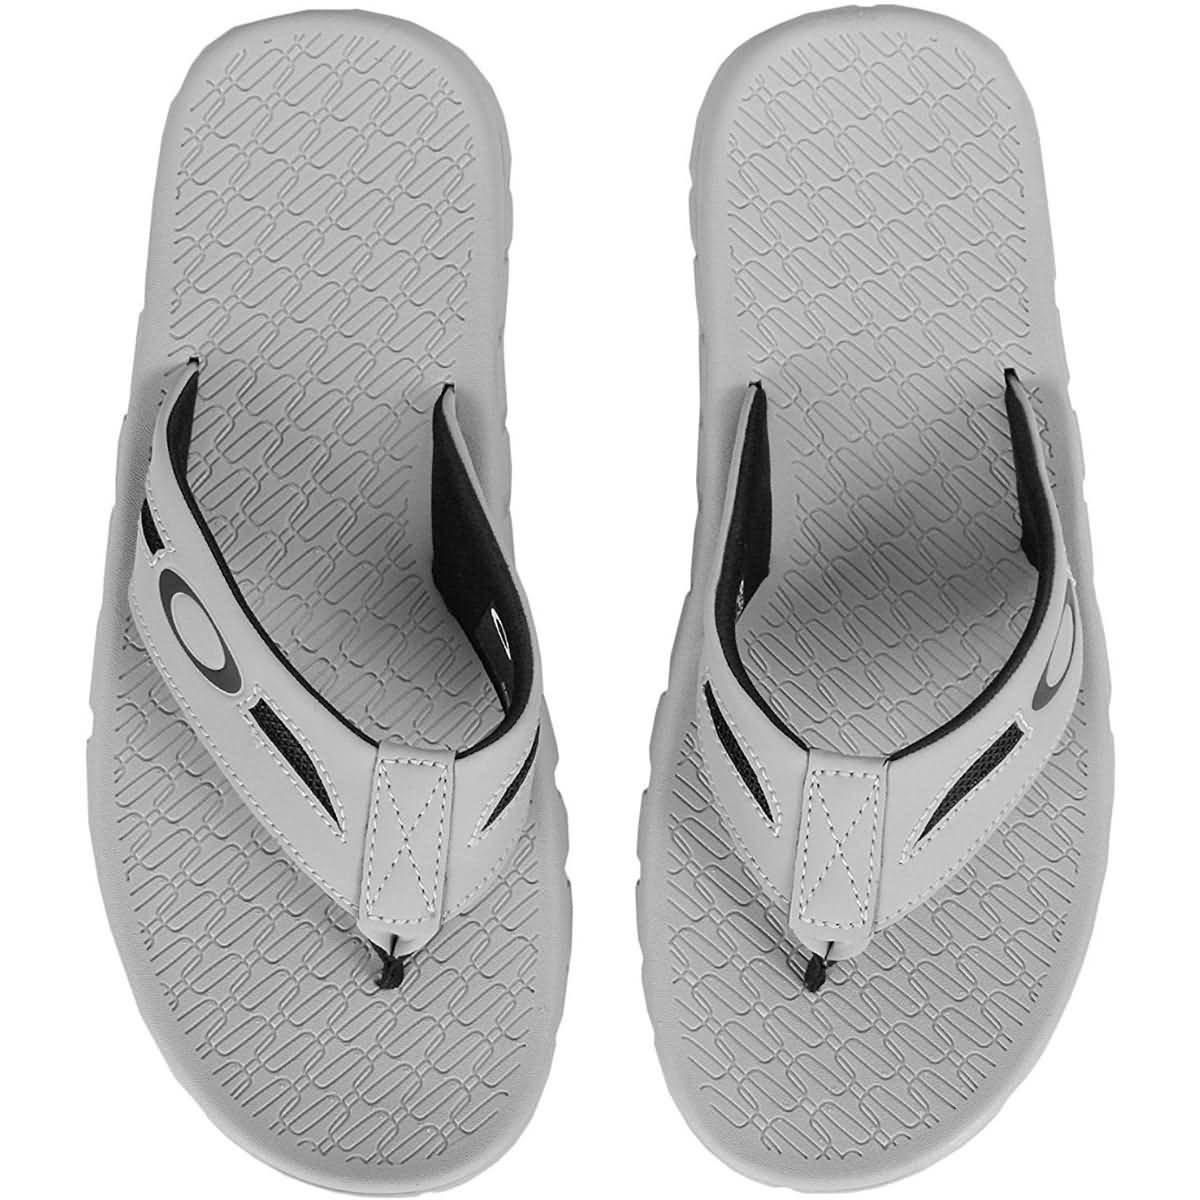 eb3fcc10a5 Galleon - Oakley Men s Operative 2.0 Sandals